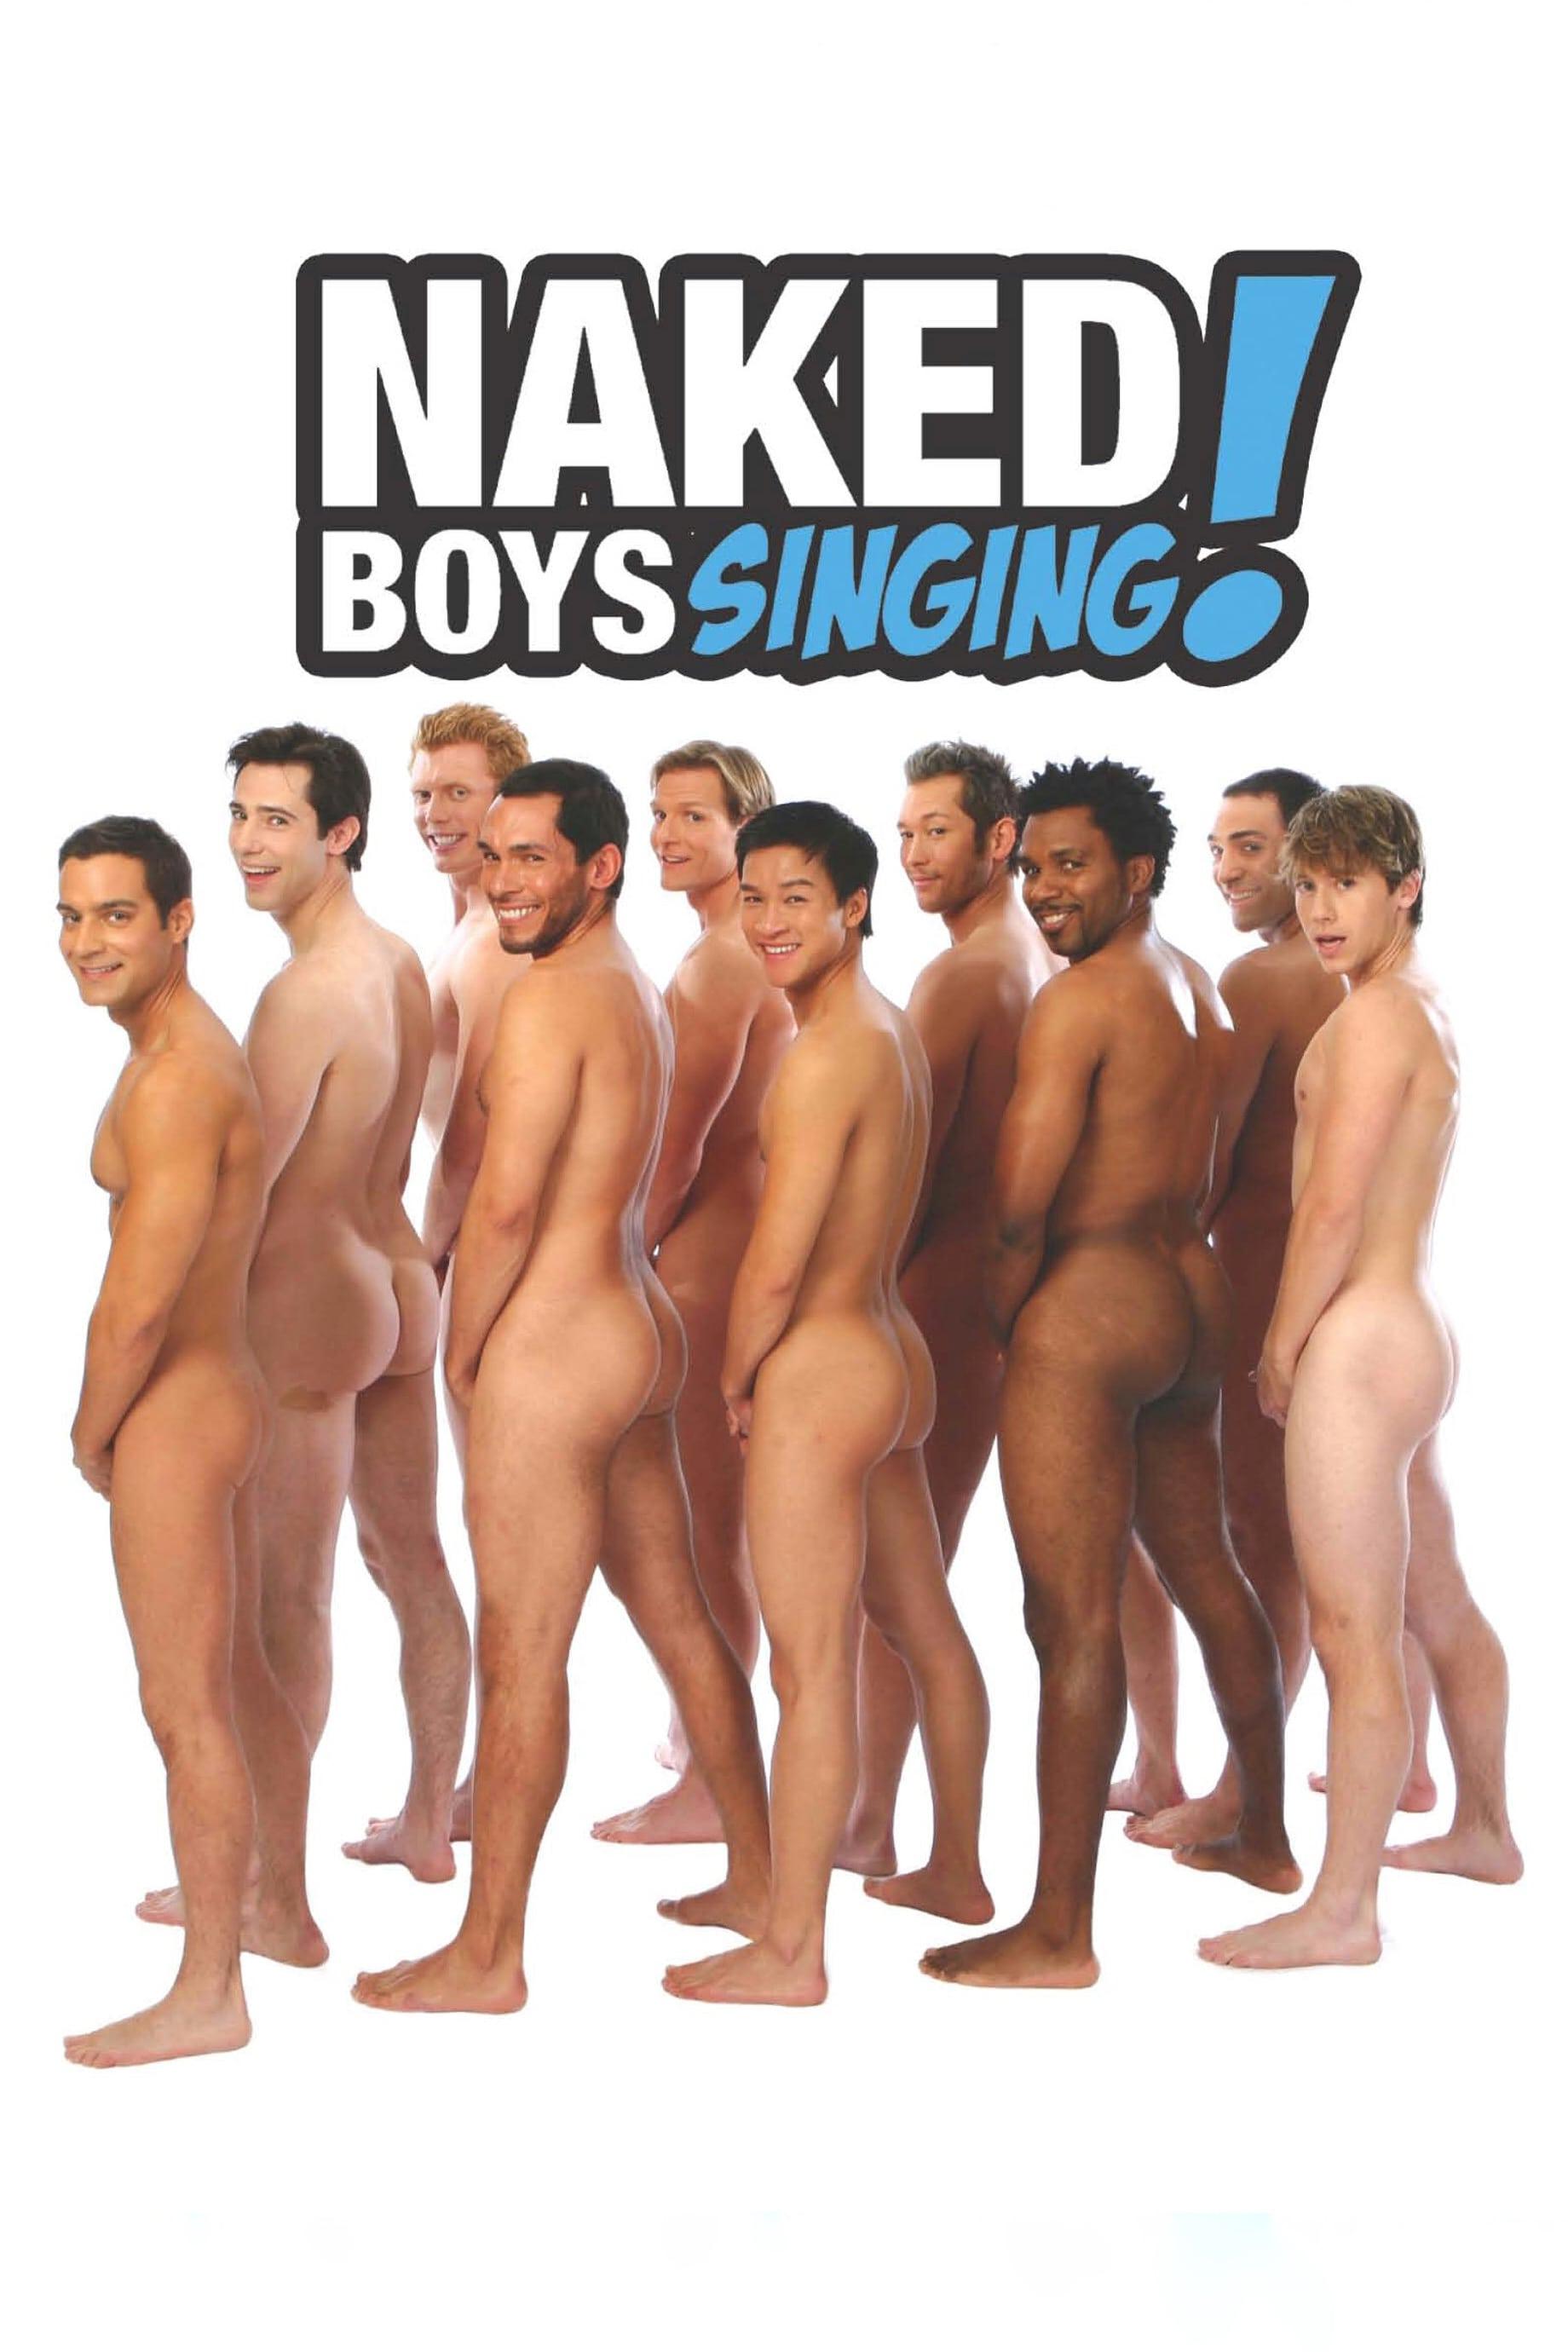 Naked boys sing